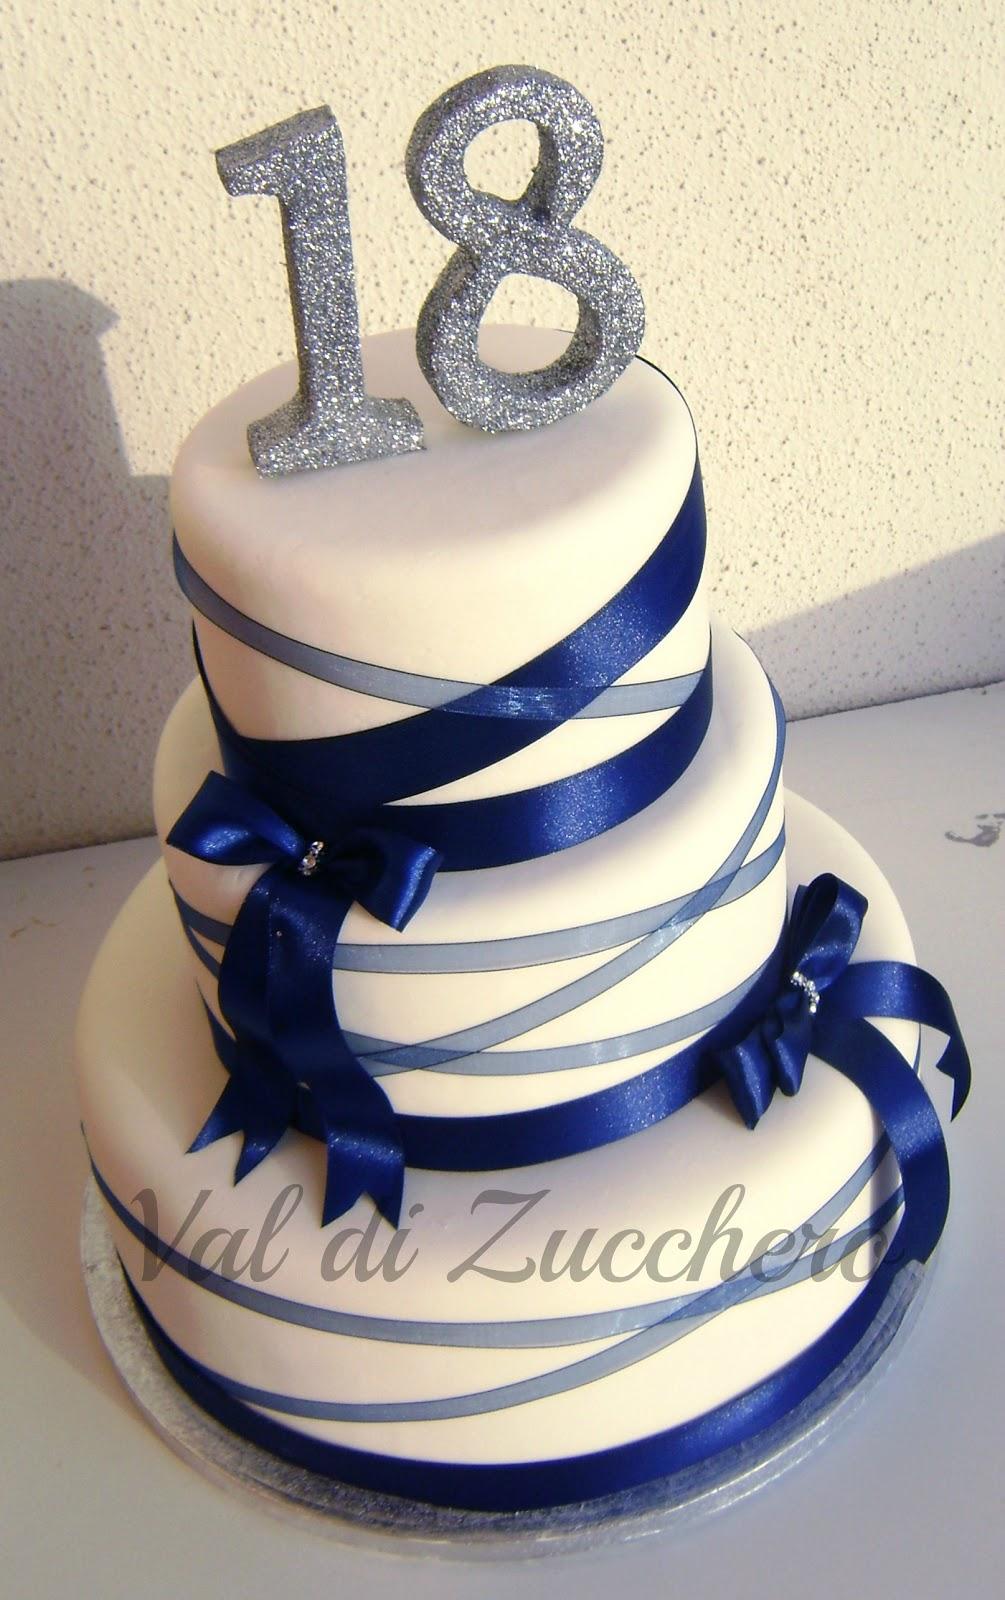 Val di zucchero 18 anni for Piani di coperta e idee